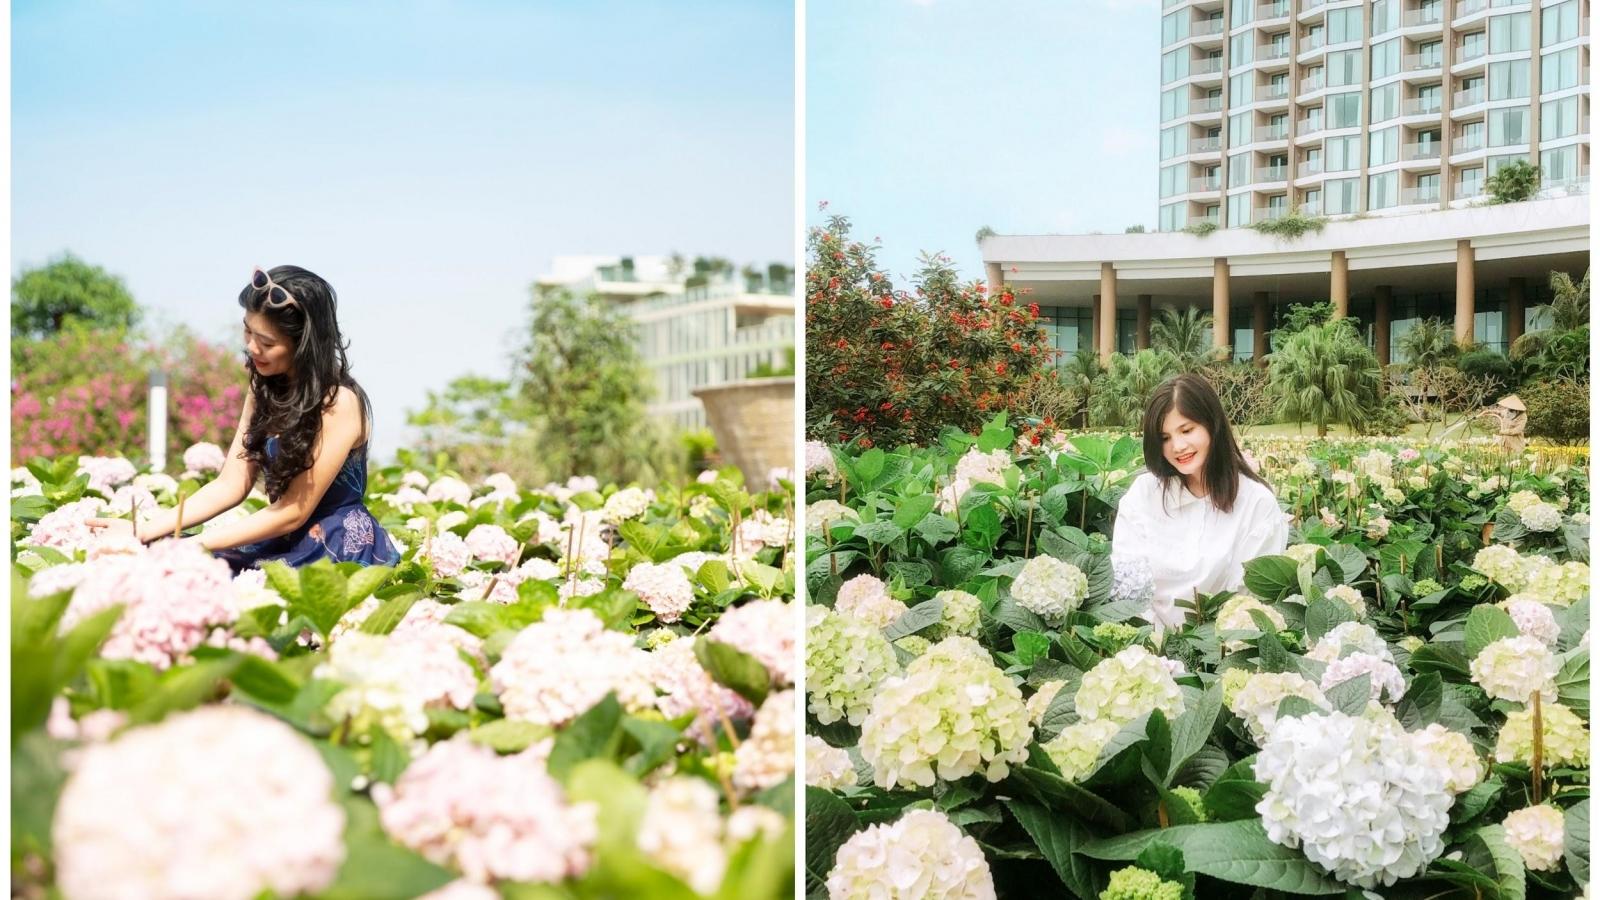 Check in con đường hoa đẹp ngây ngất tại lễ hội hoa Sầm Sơn